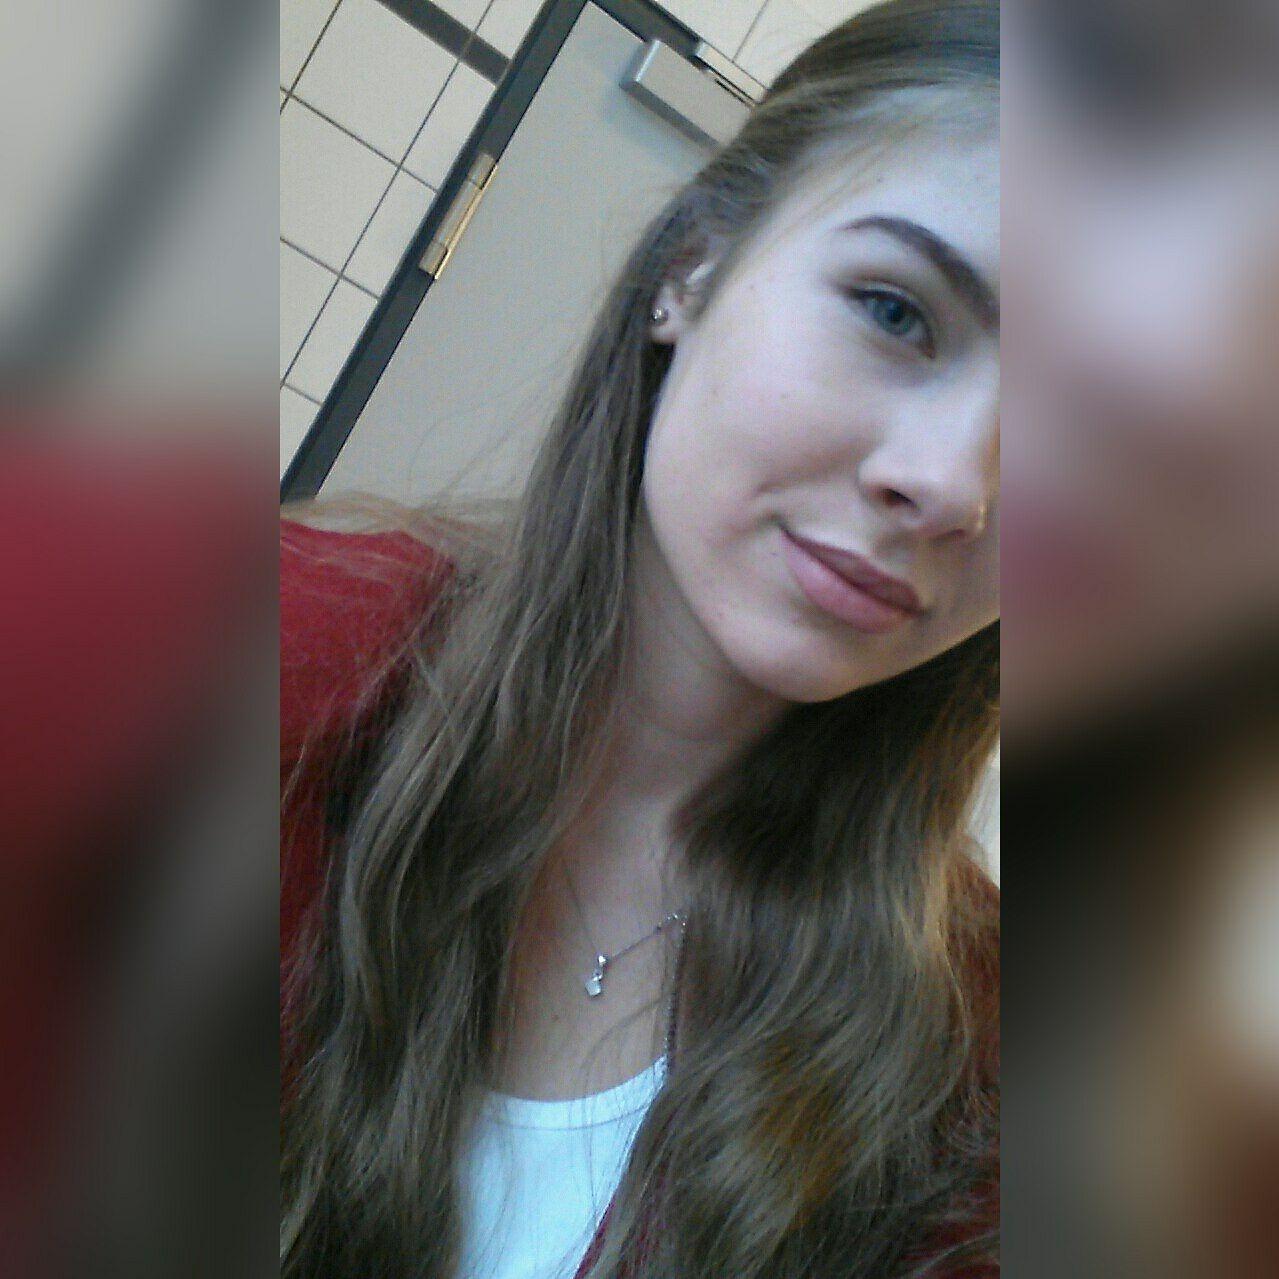 Image of Melina Krg